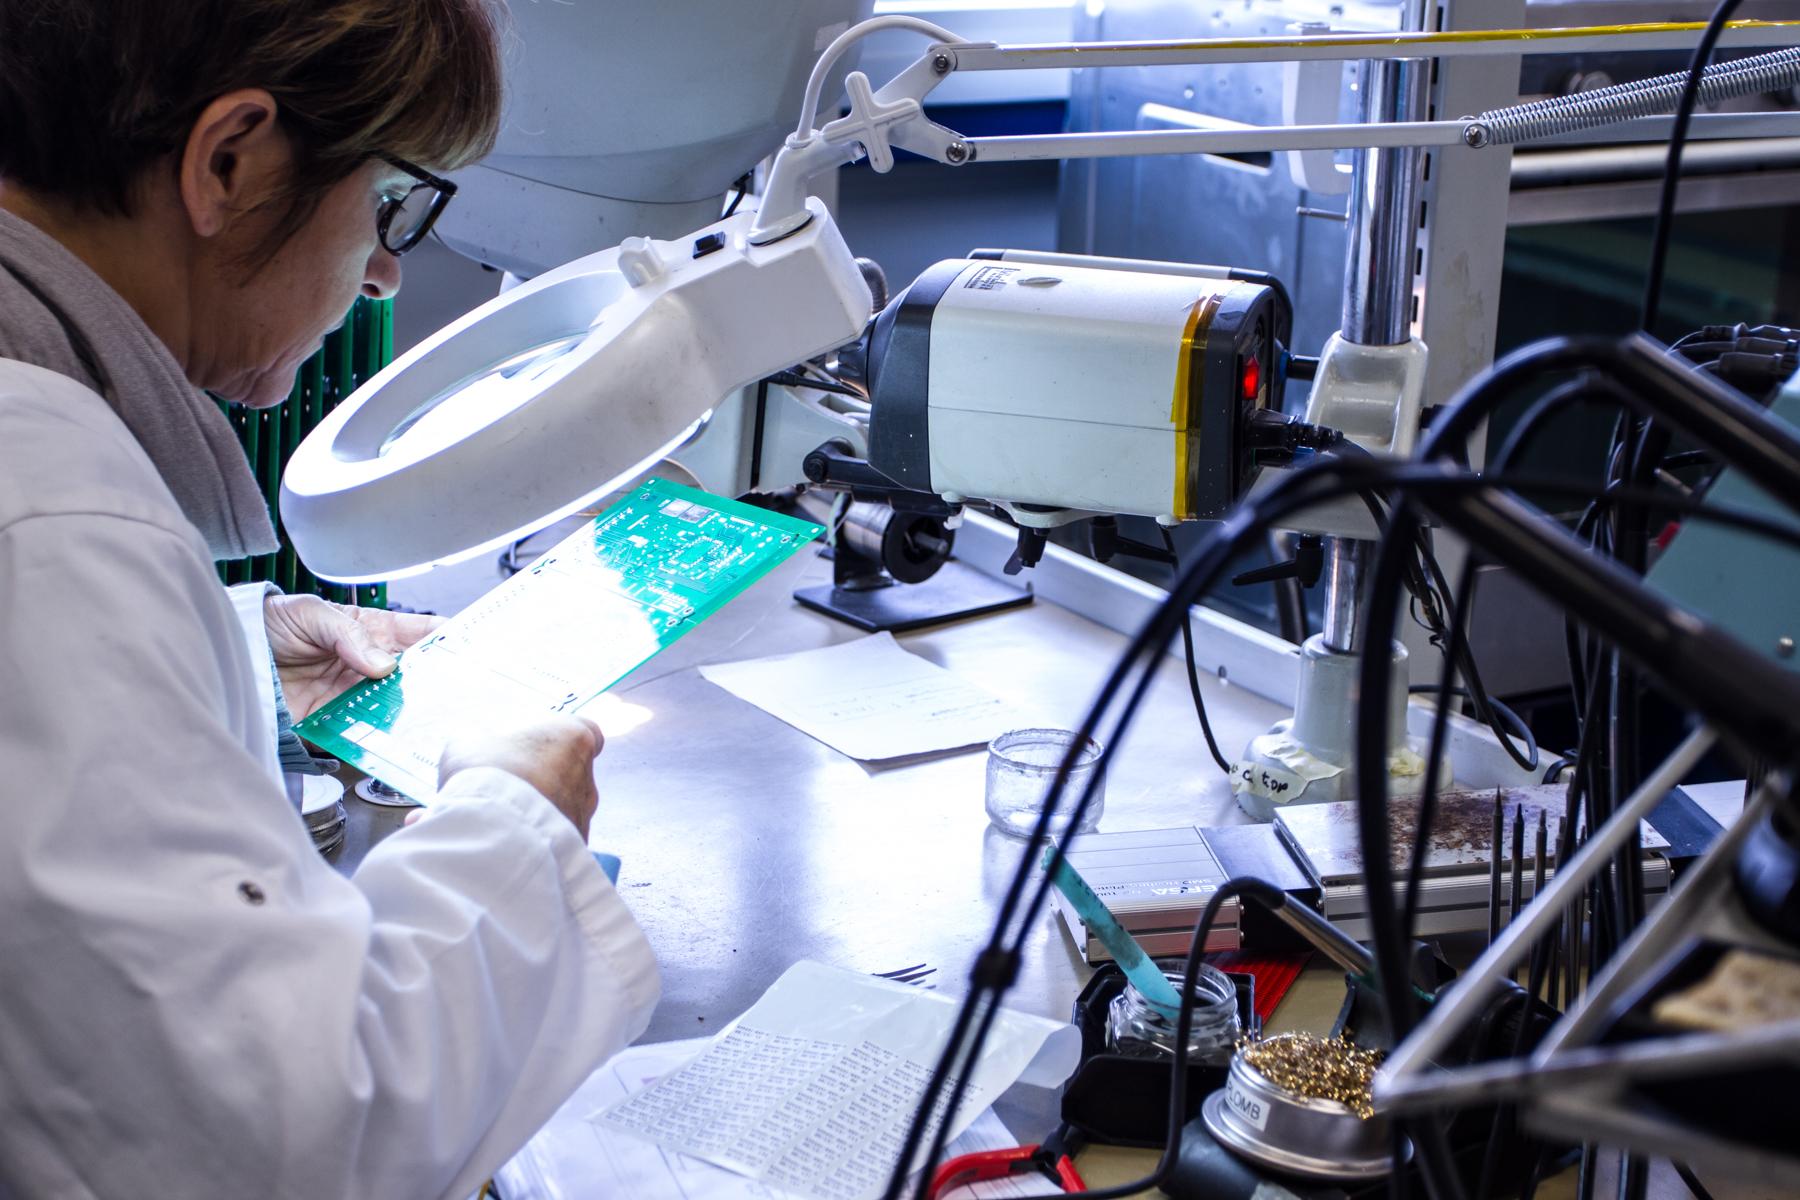 Fabrication d'ensembles électroniques 32